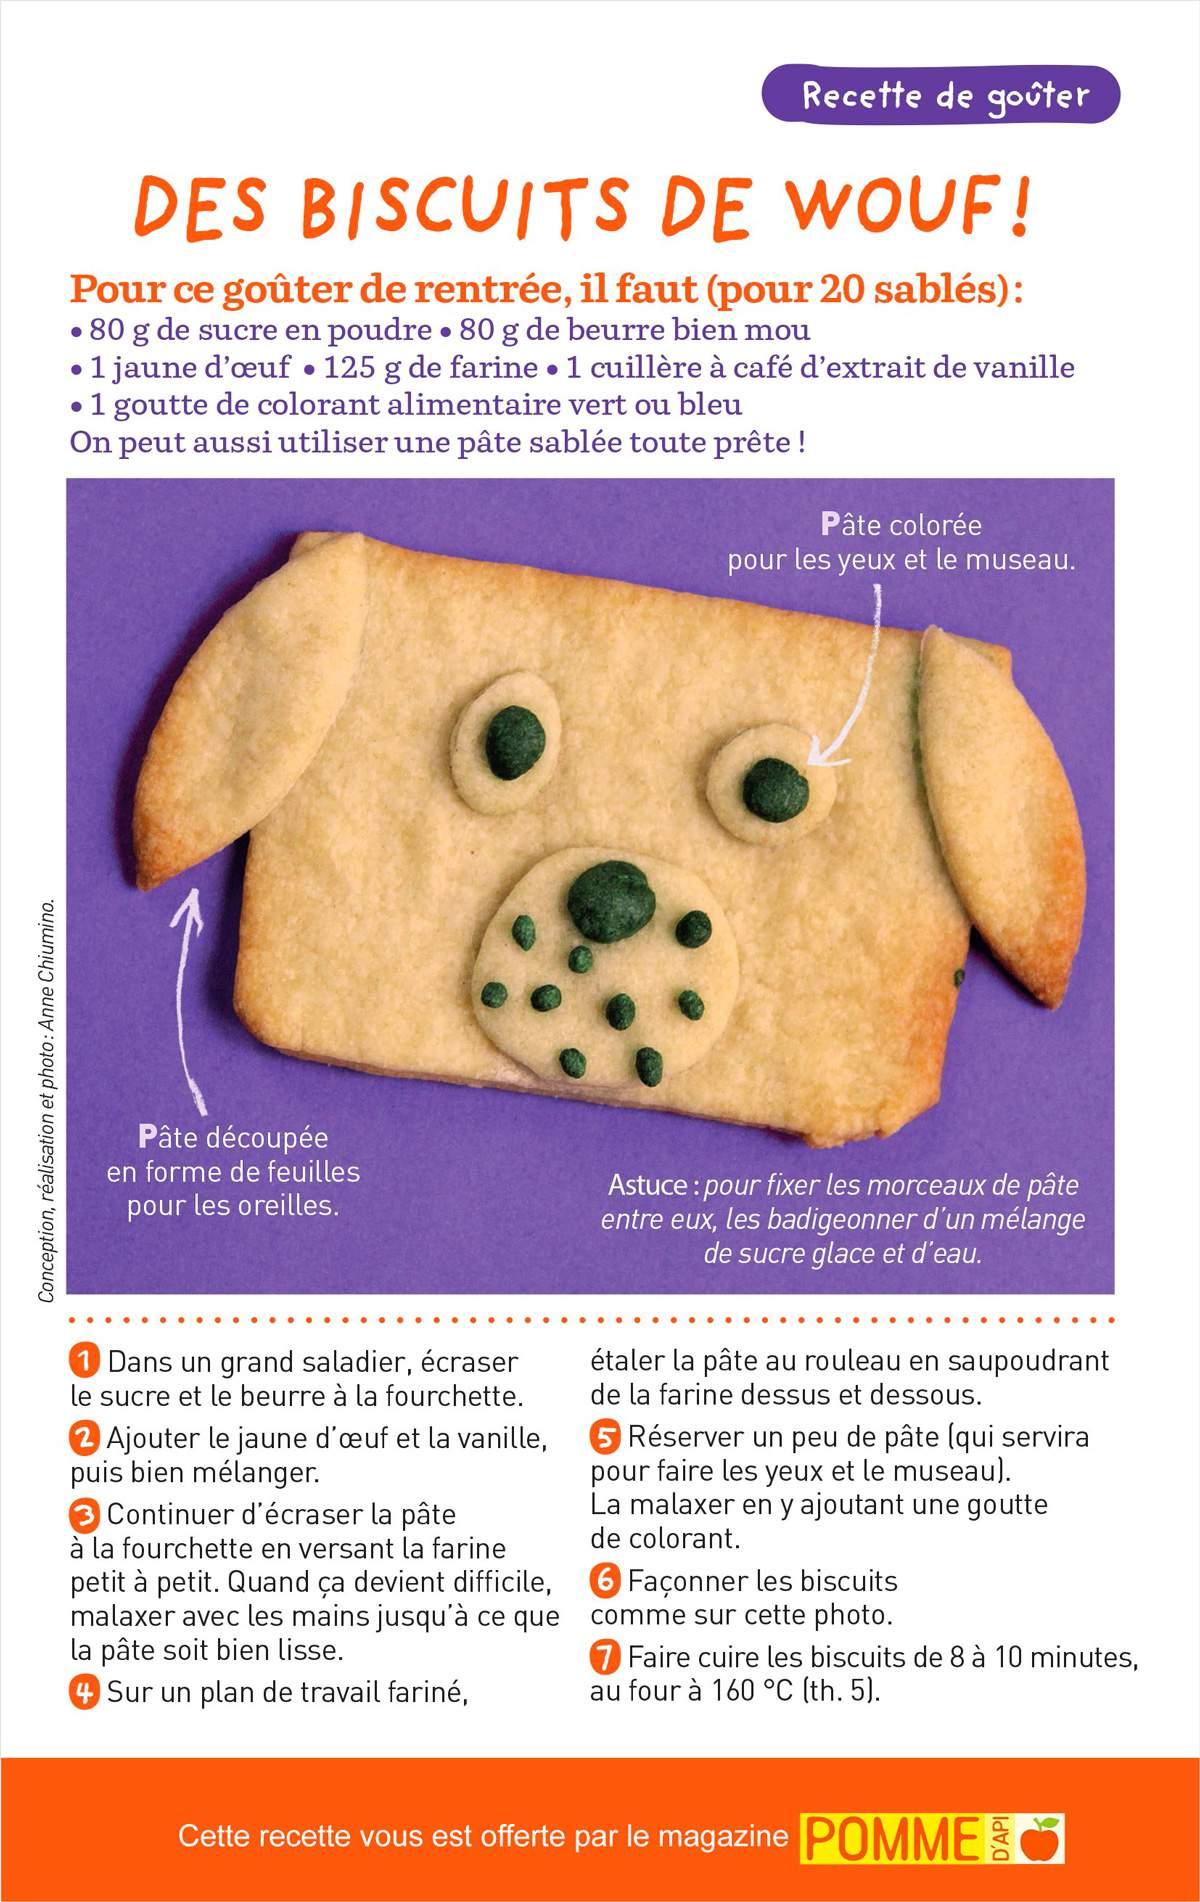 Télécharger la recette pour préparer les biscuits de wouf !